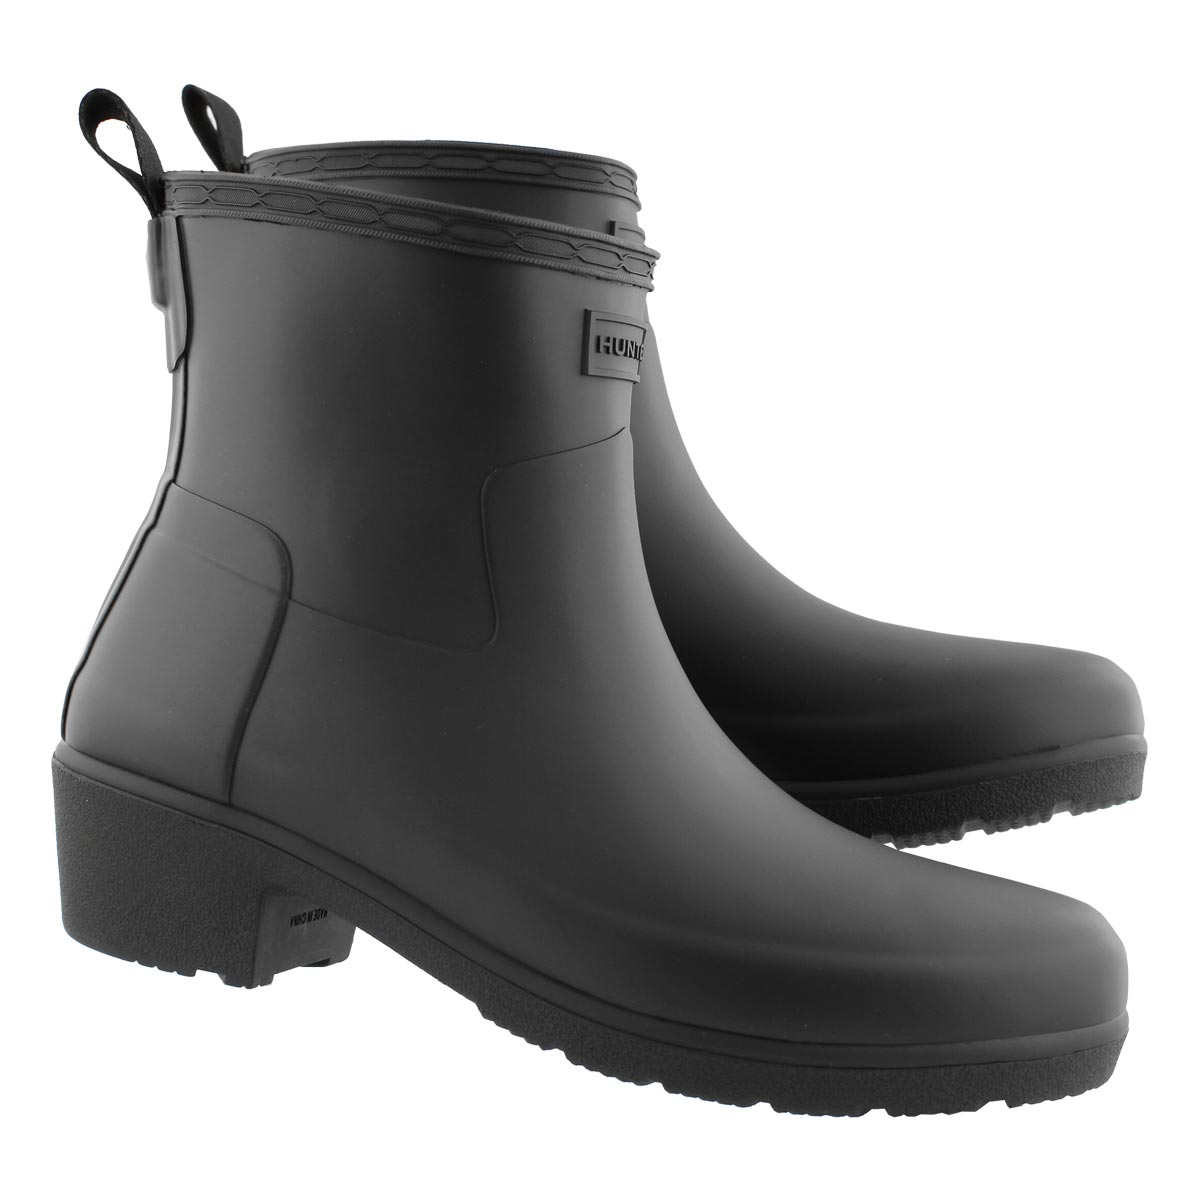 Lds Refined Low Heel blk ankle rainboot